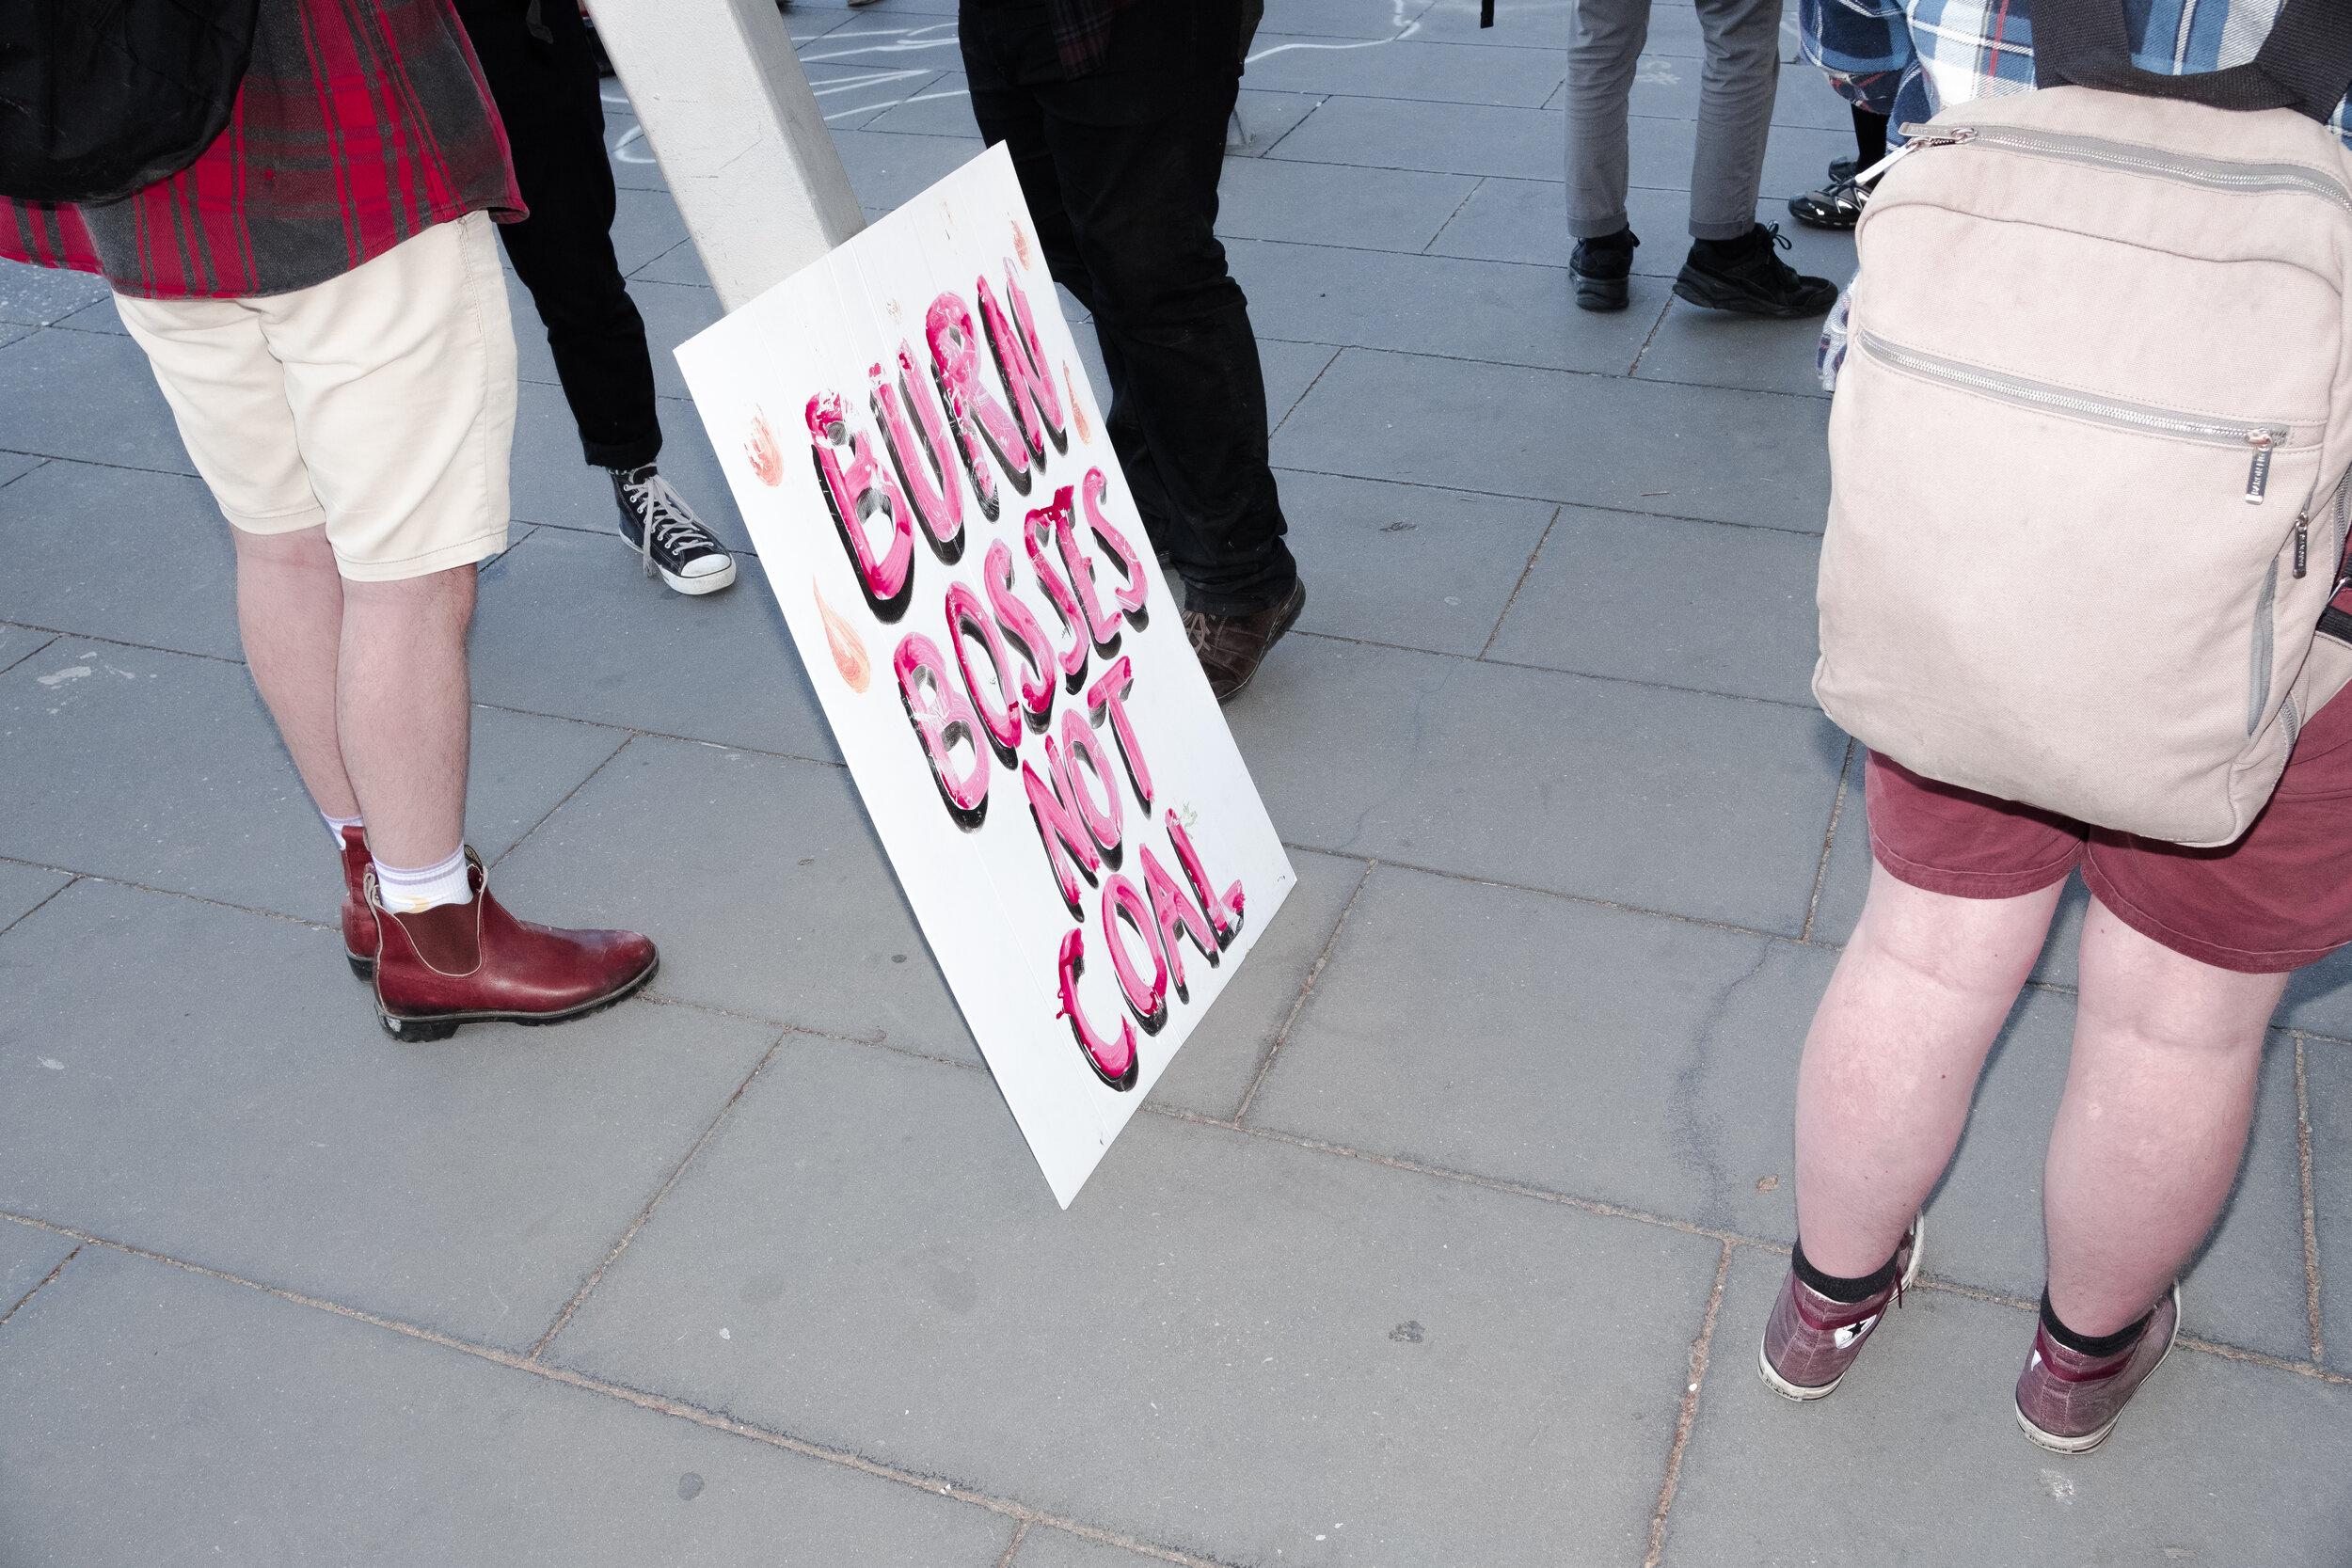 A protest sign. (Photo: Jeremy Gan)